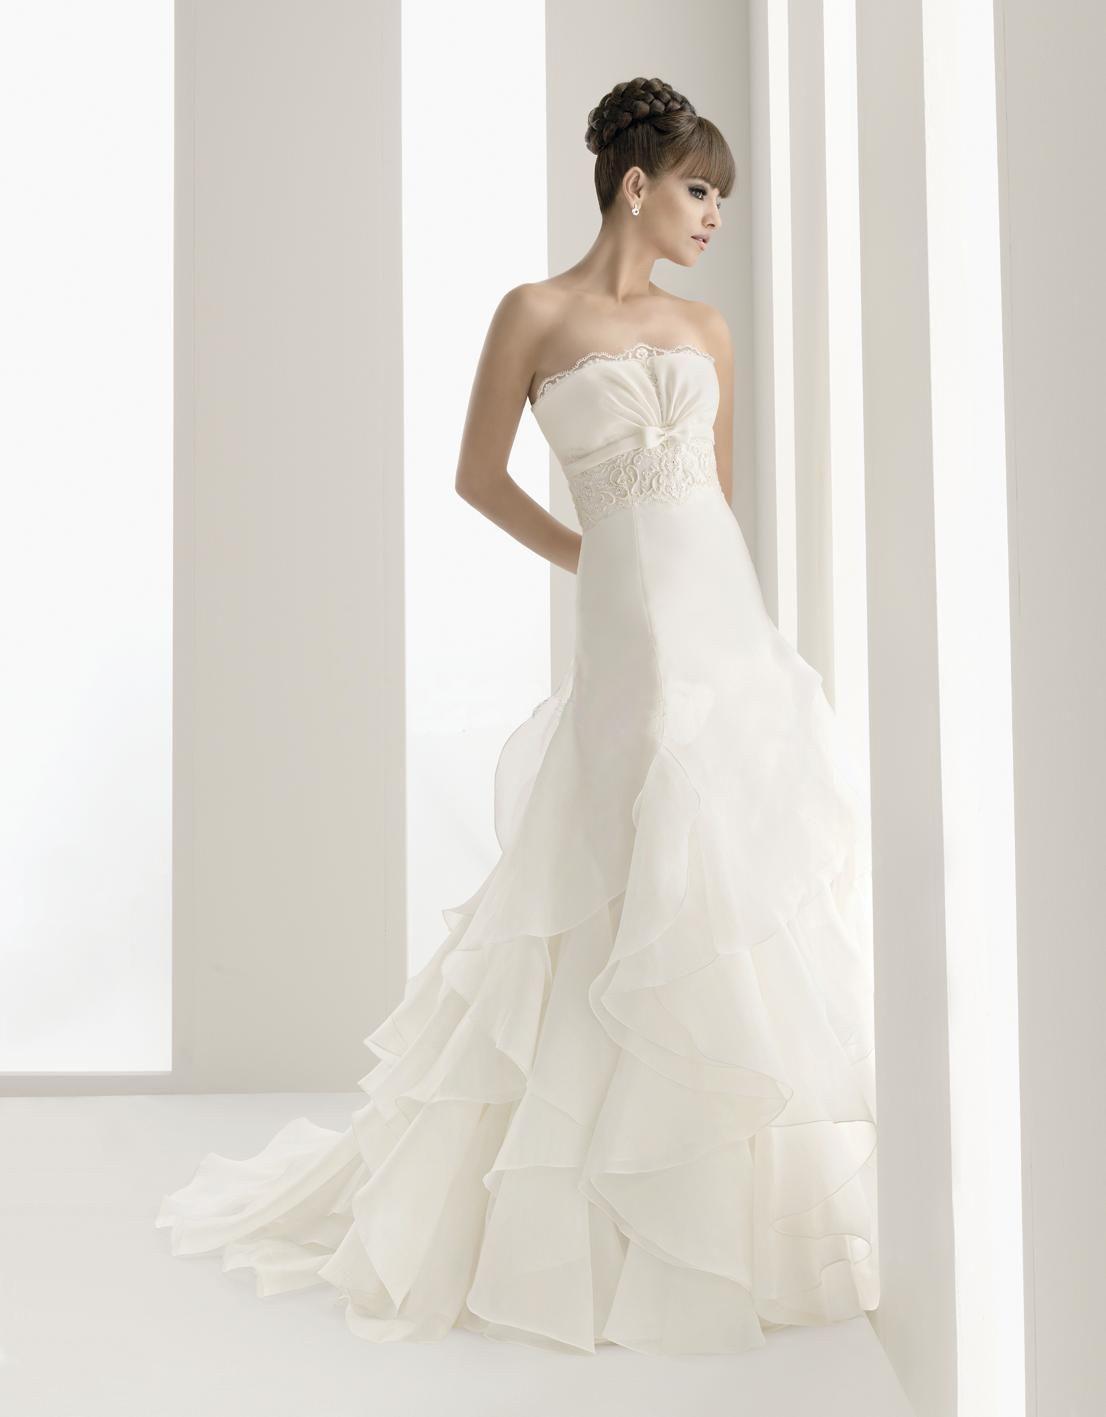 Strapless with empire waist aline tulle wedding dress weddingus